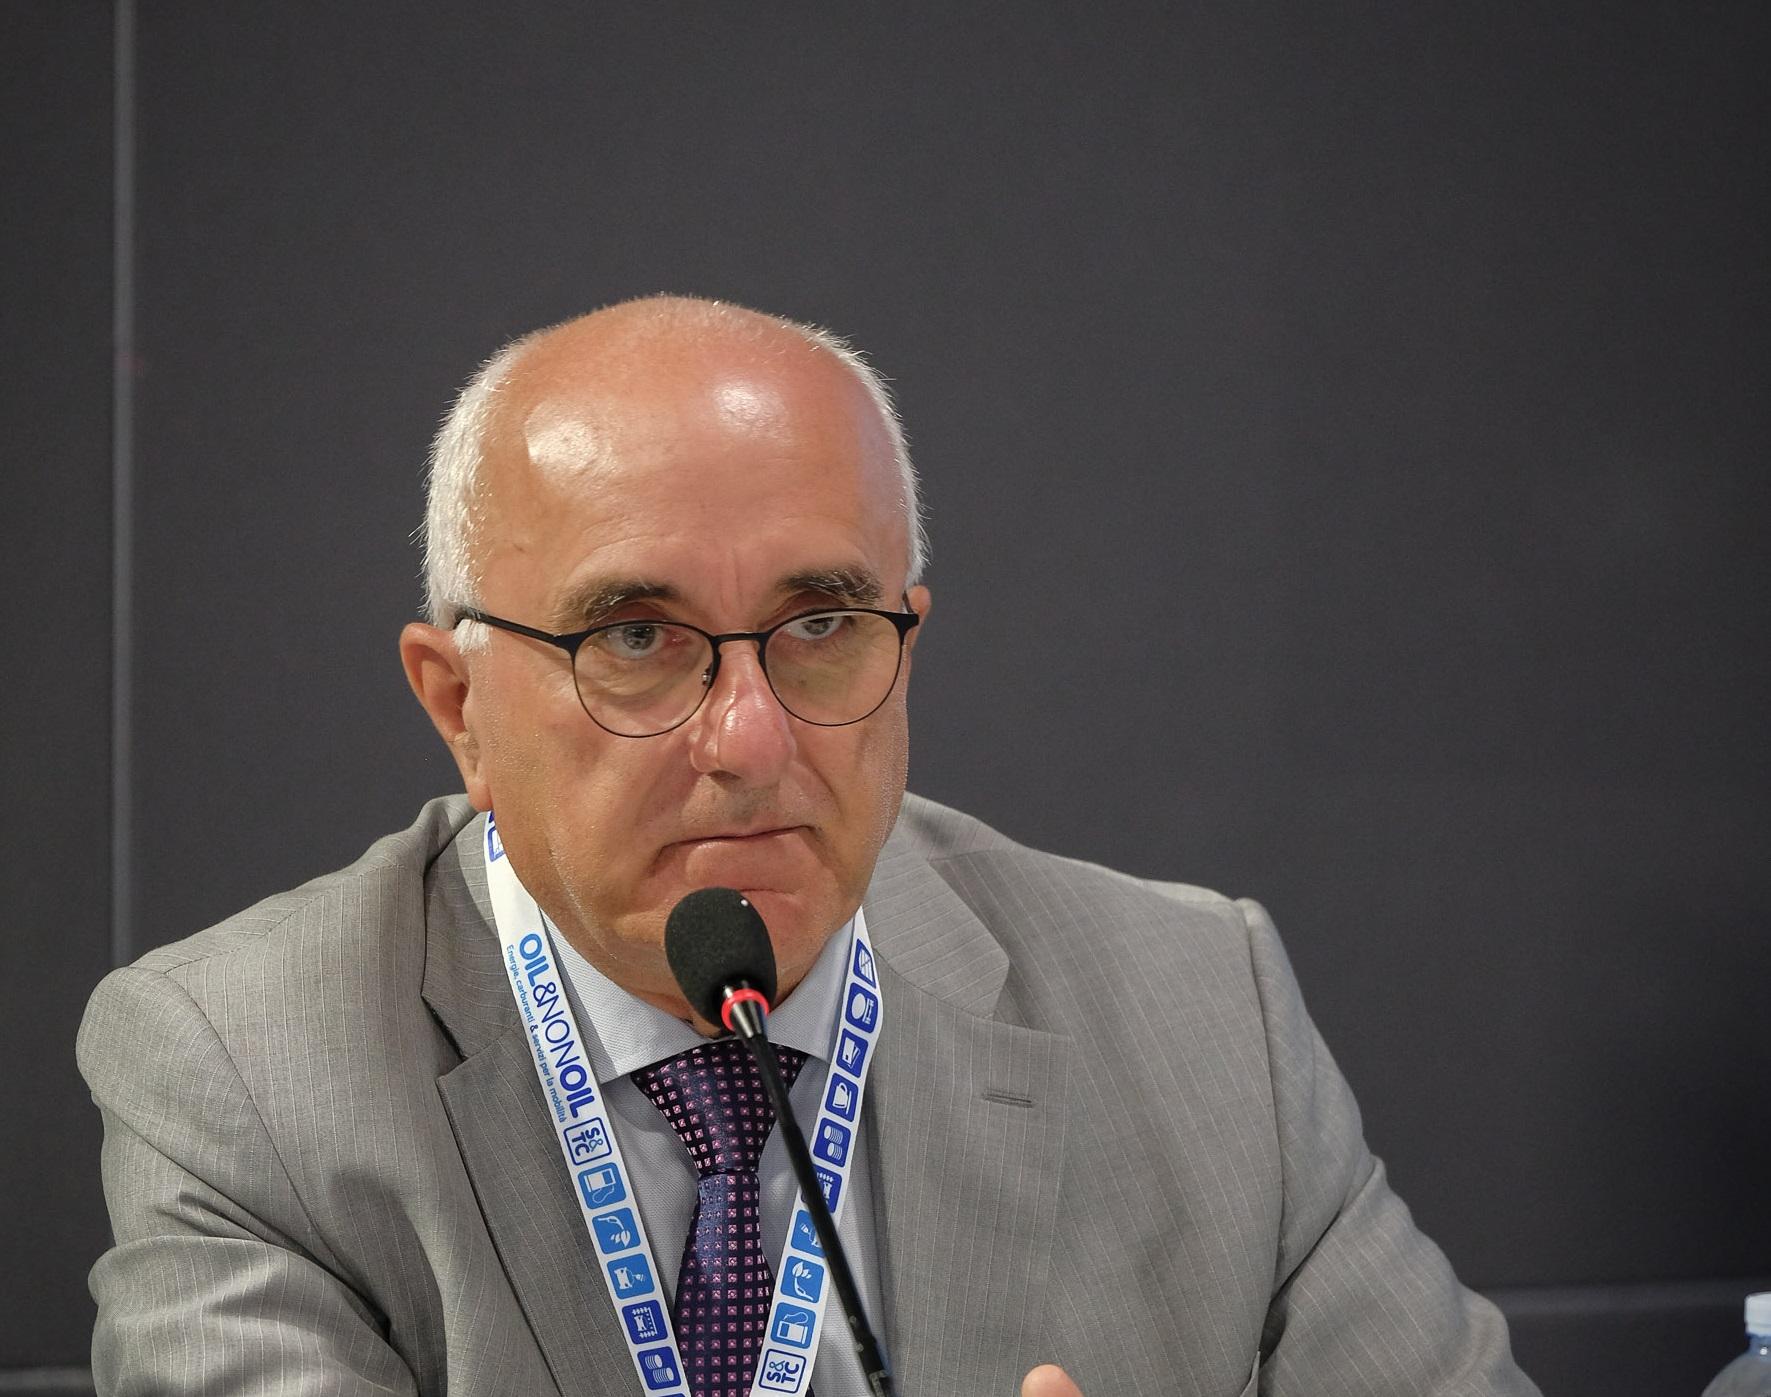 """Landi, presidente Faib: """"Lotta all'illegalità e razionalizzazione della rete"""" per uscire dalla crisi"""